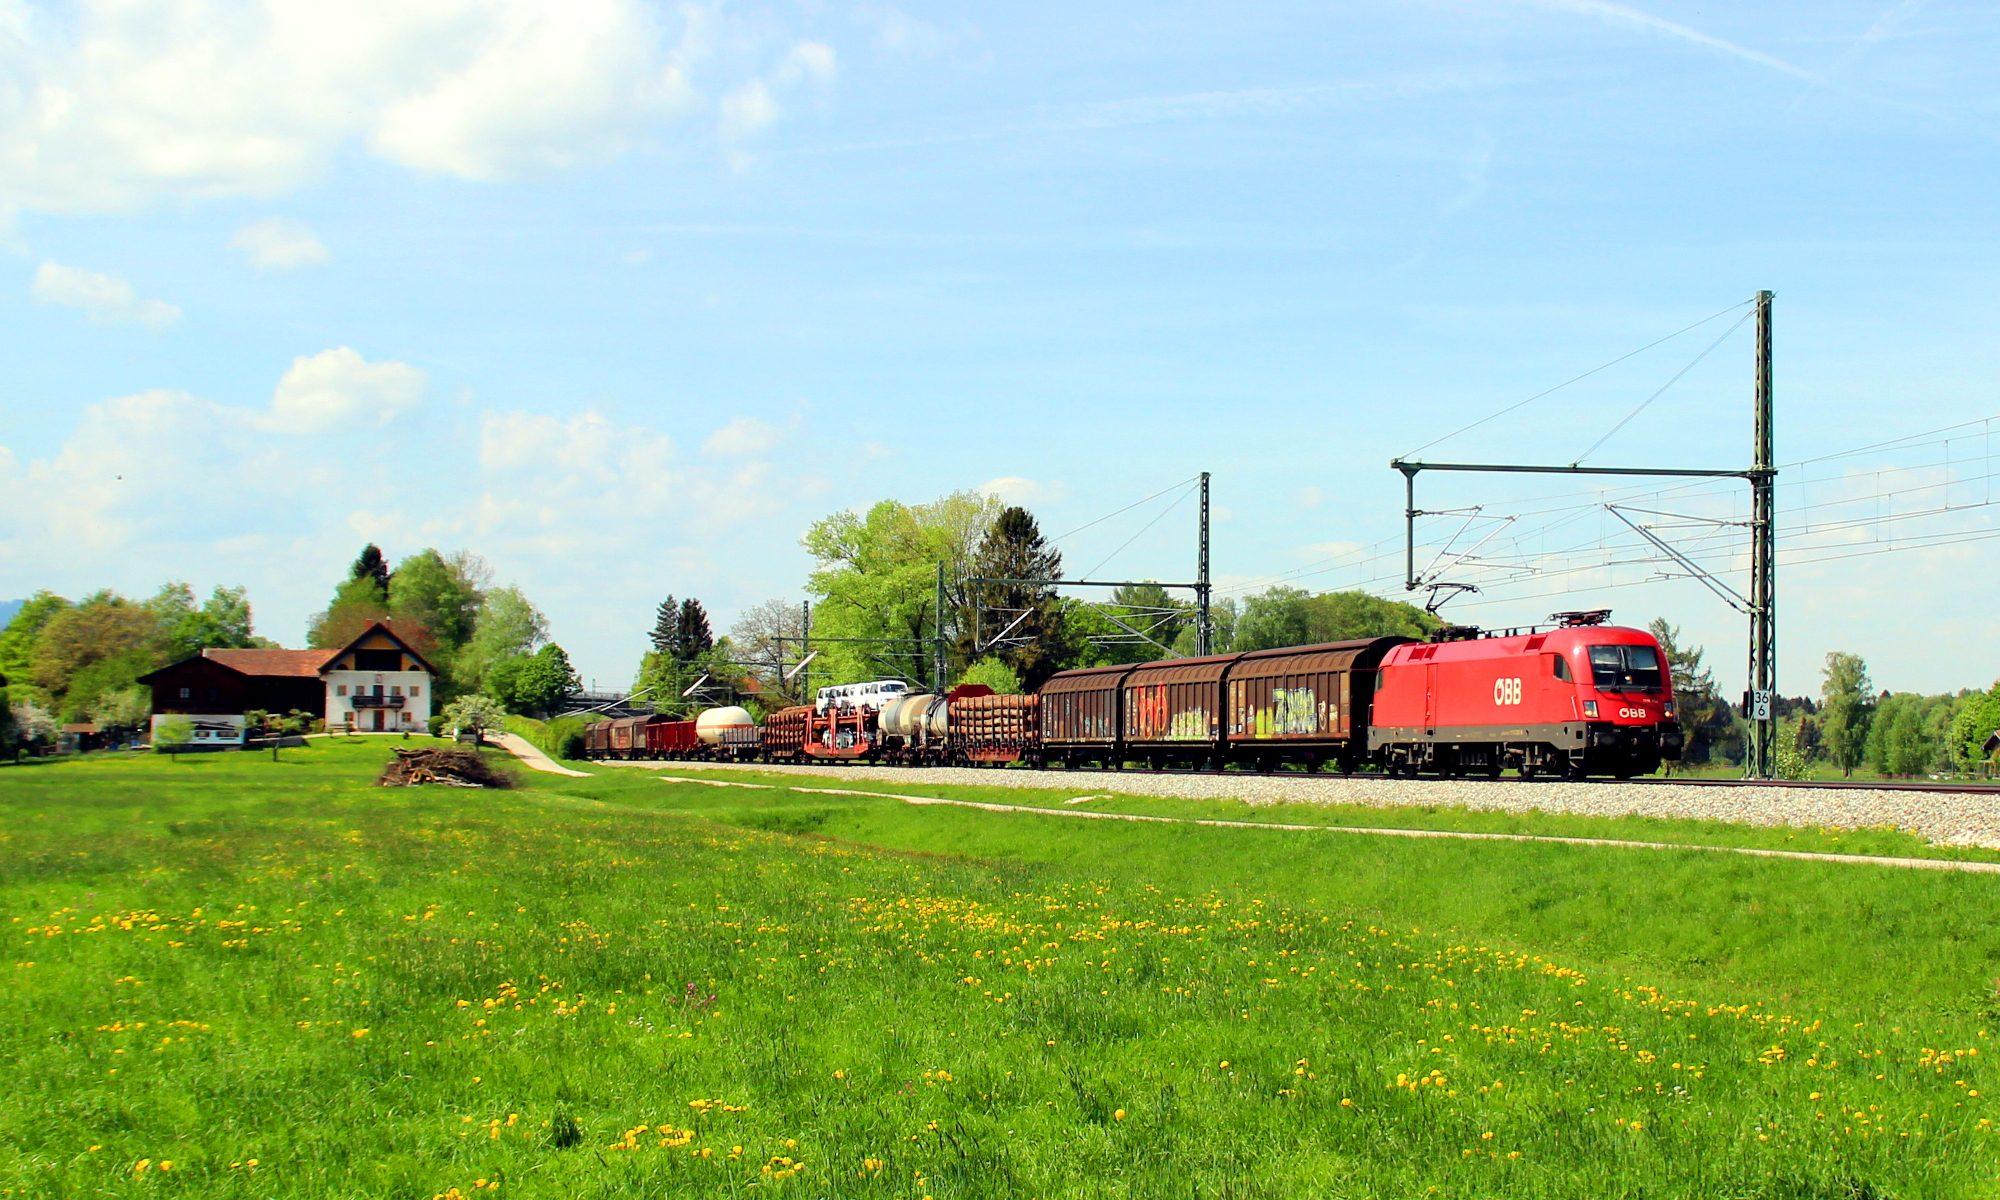 Zug-Bilder.de